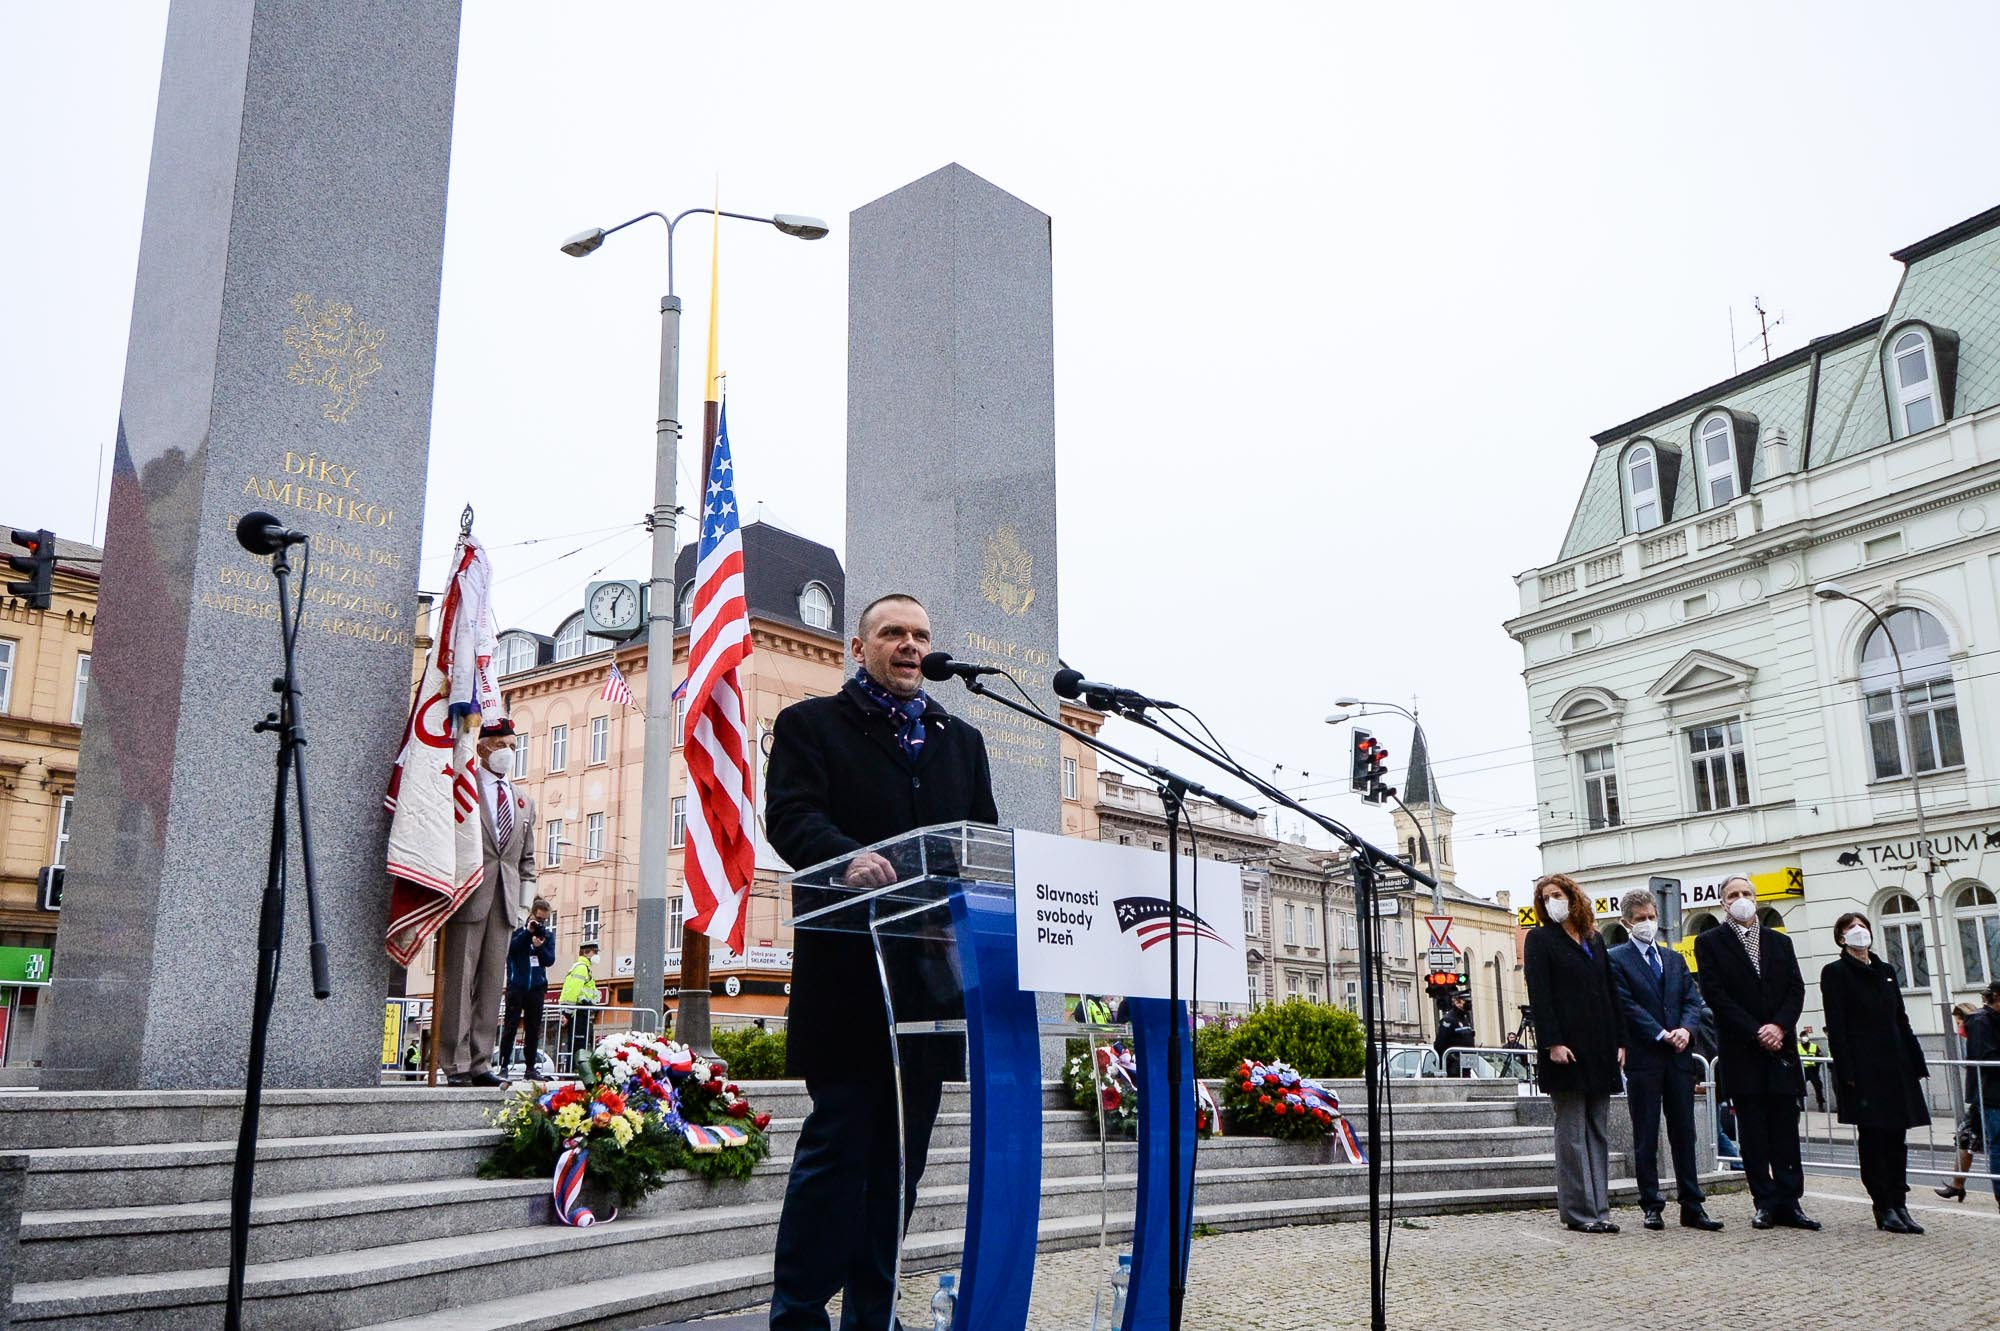 Plzeň oslavila své osvobození americkou armádou hlavně on-line